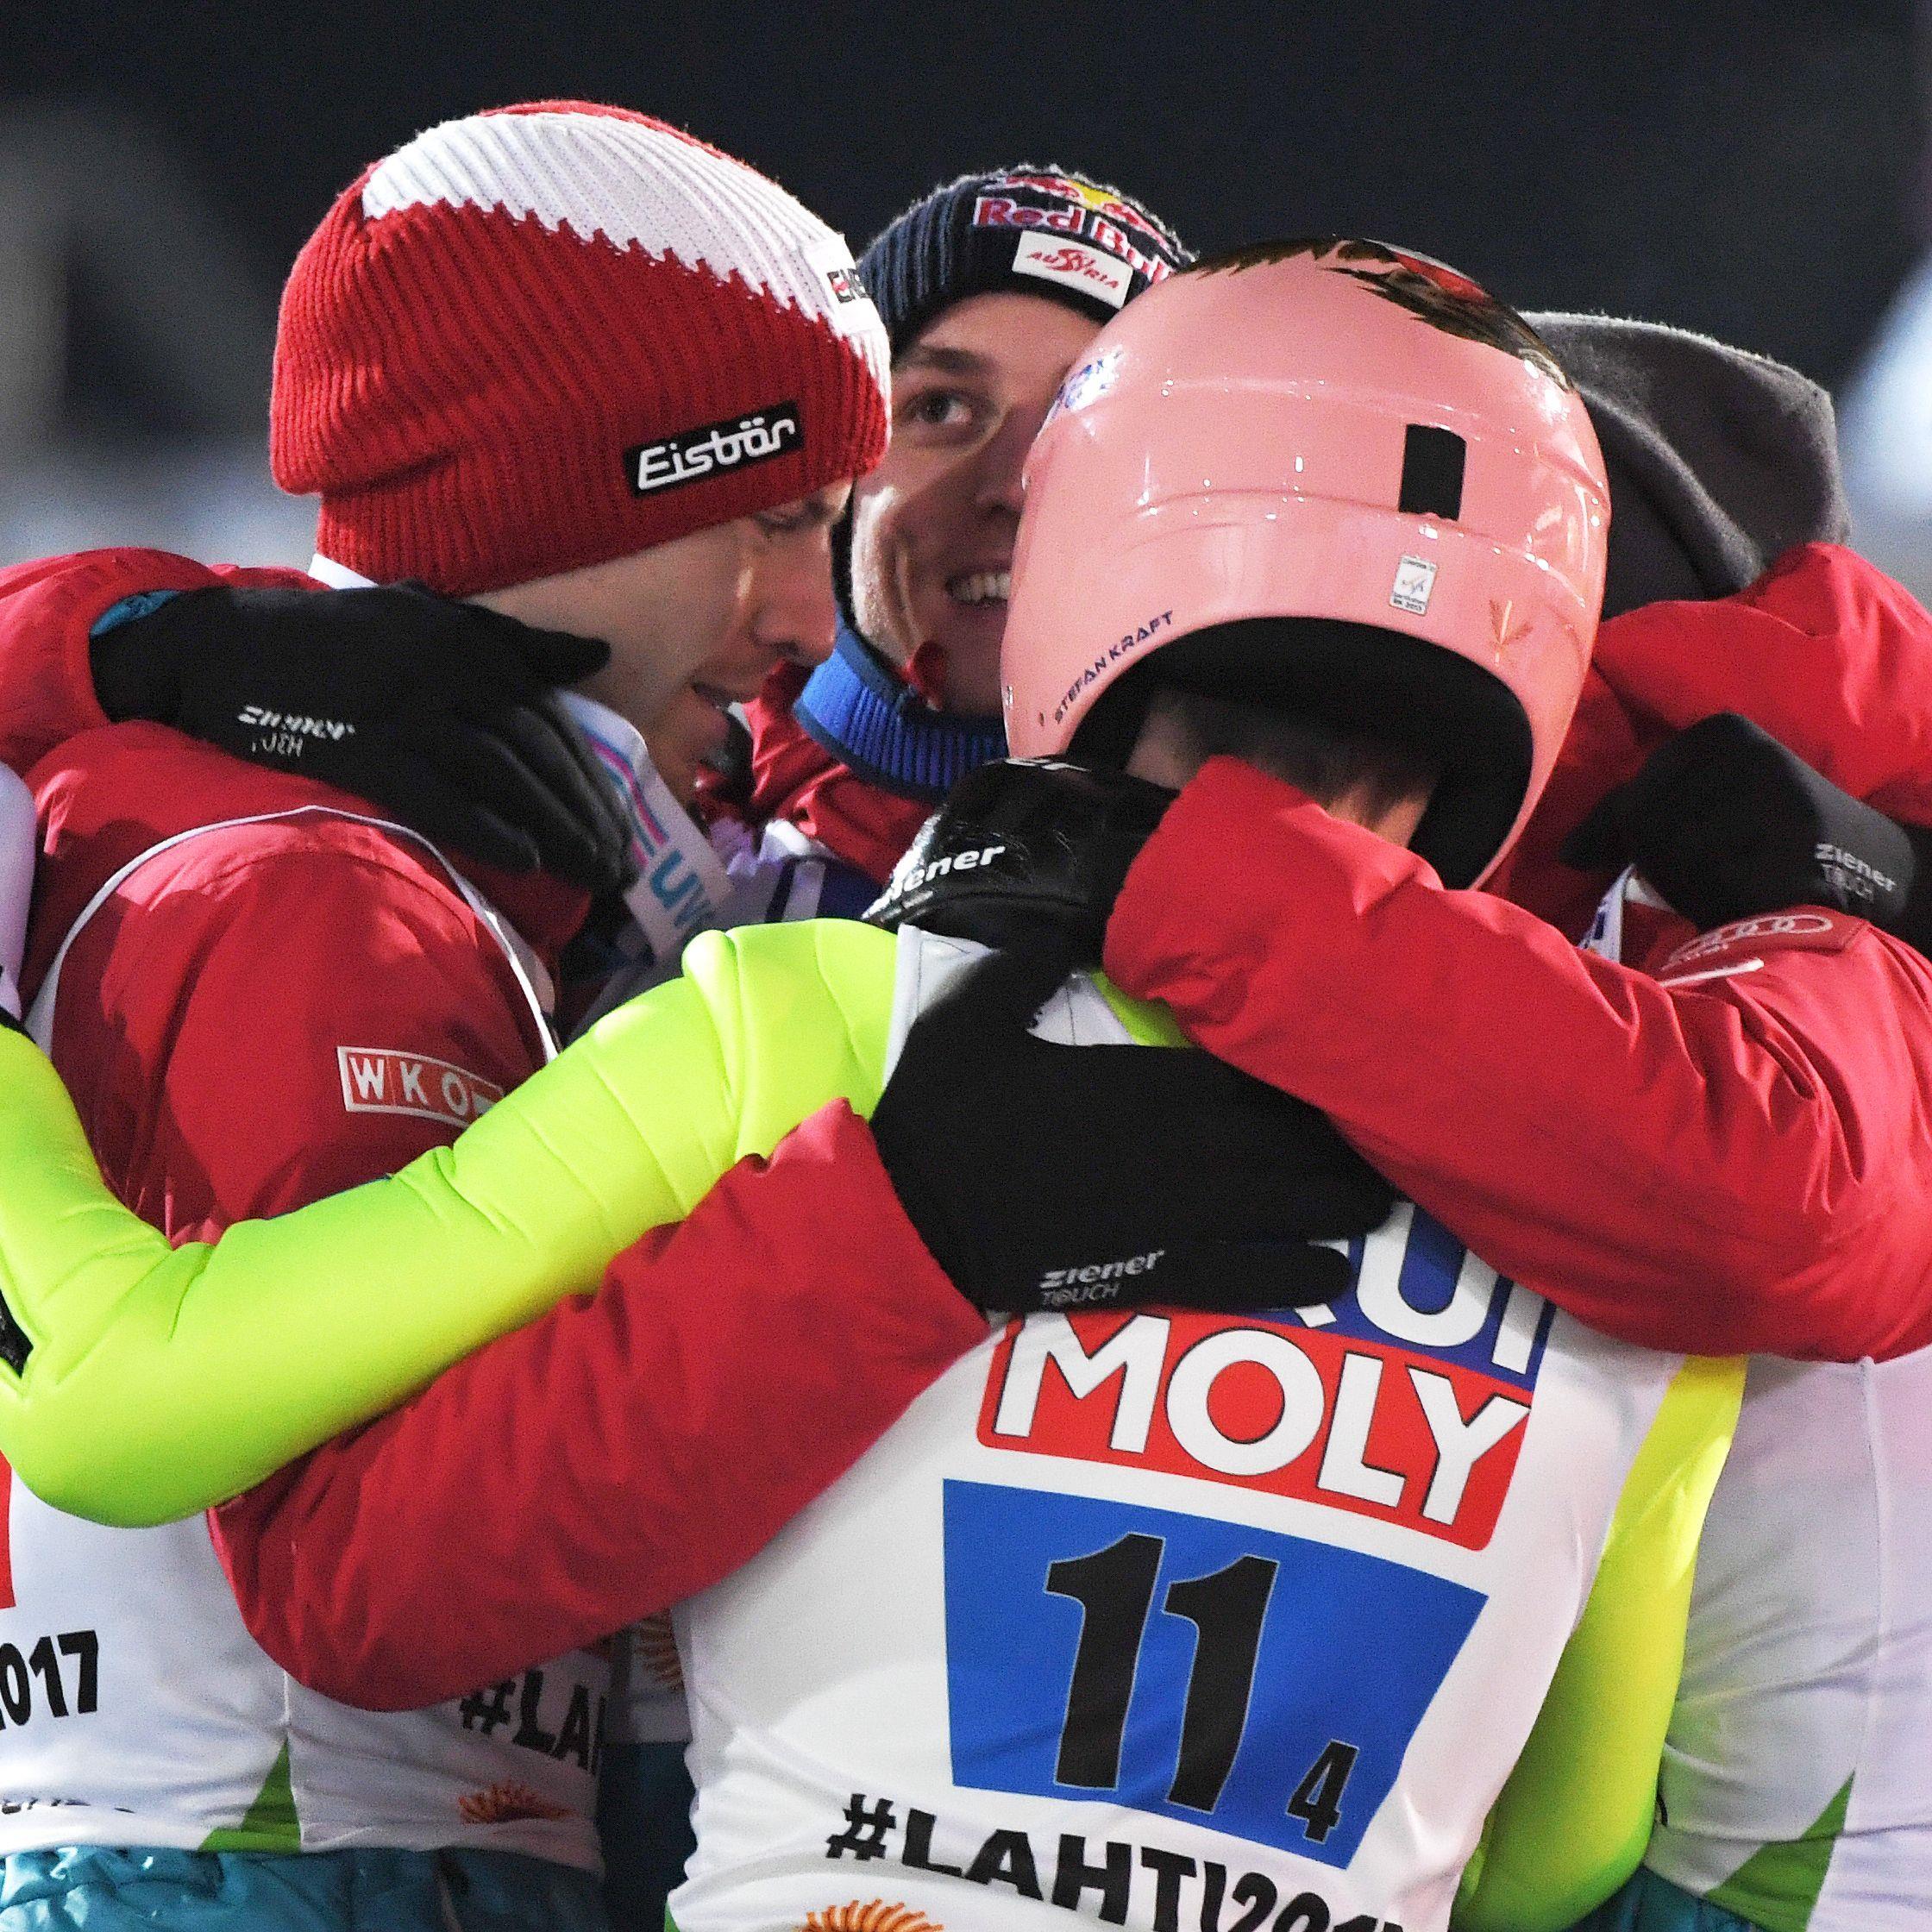 Die Österreicher Stefan Kraft, Gregor Schlierenzauer, Michael Hayböck und Manuel Fettner jubeln über Ihre Bronzemedaille nach dem Skispringen Herren-Mannschaft Großschanze am Samstag in Lahti.